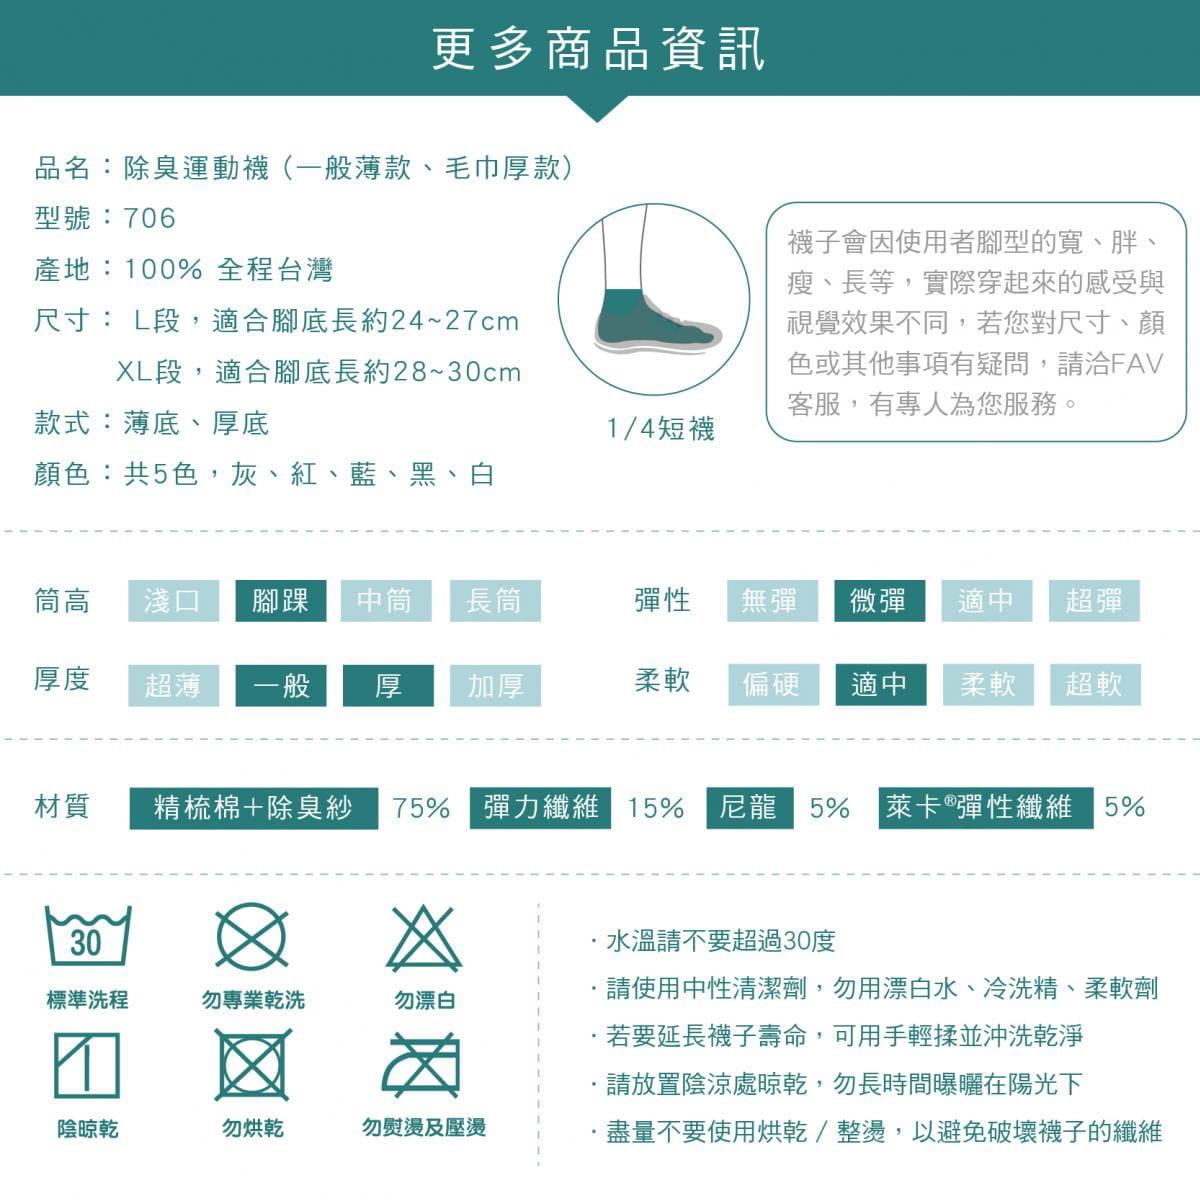 【FAV】除臭運動襪 (一般底、毛巾底) 8